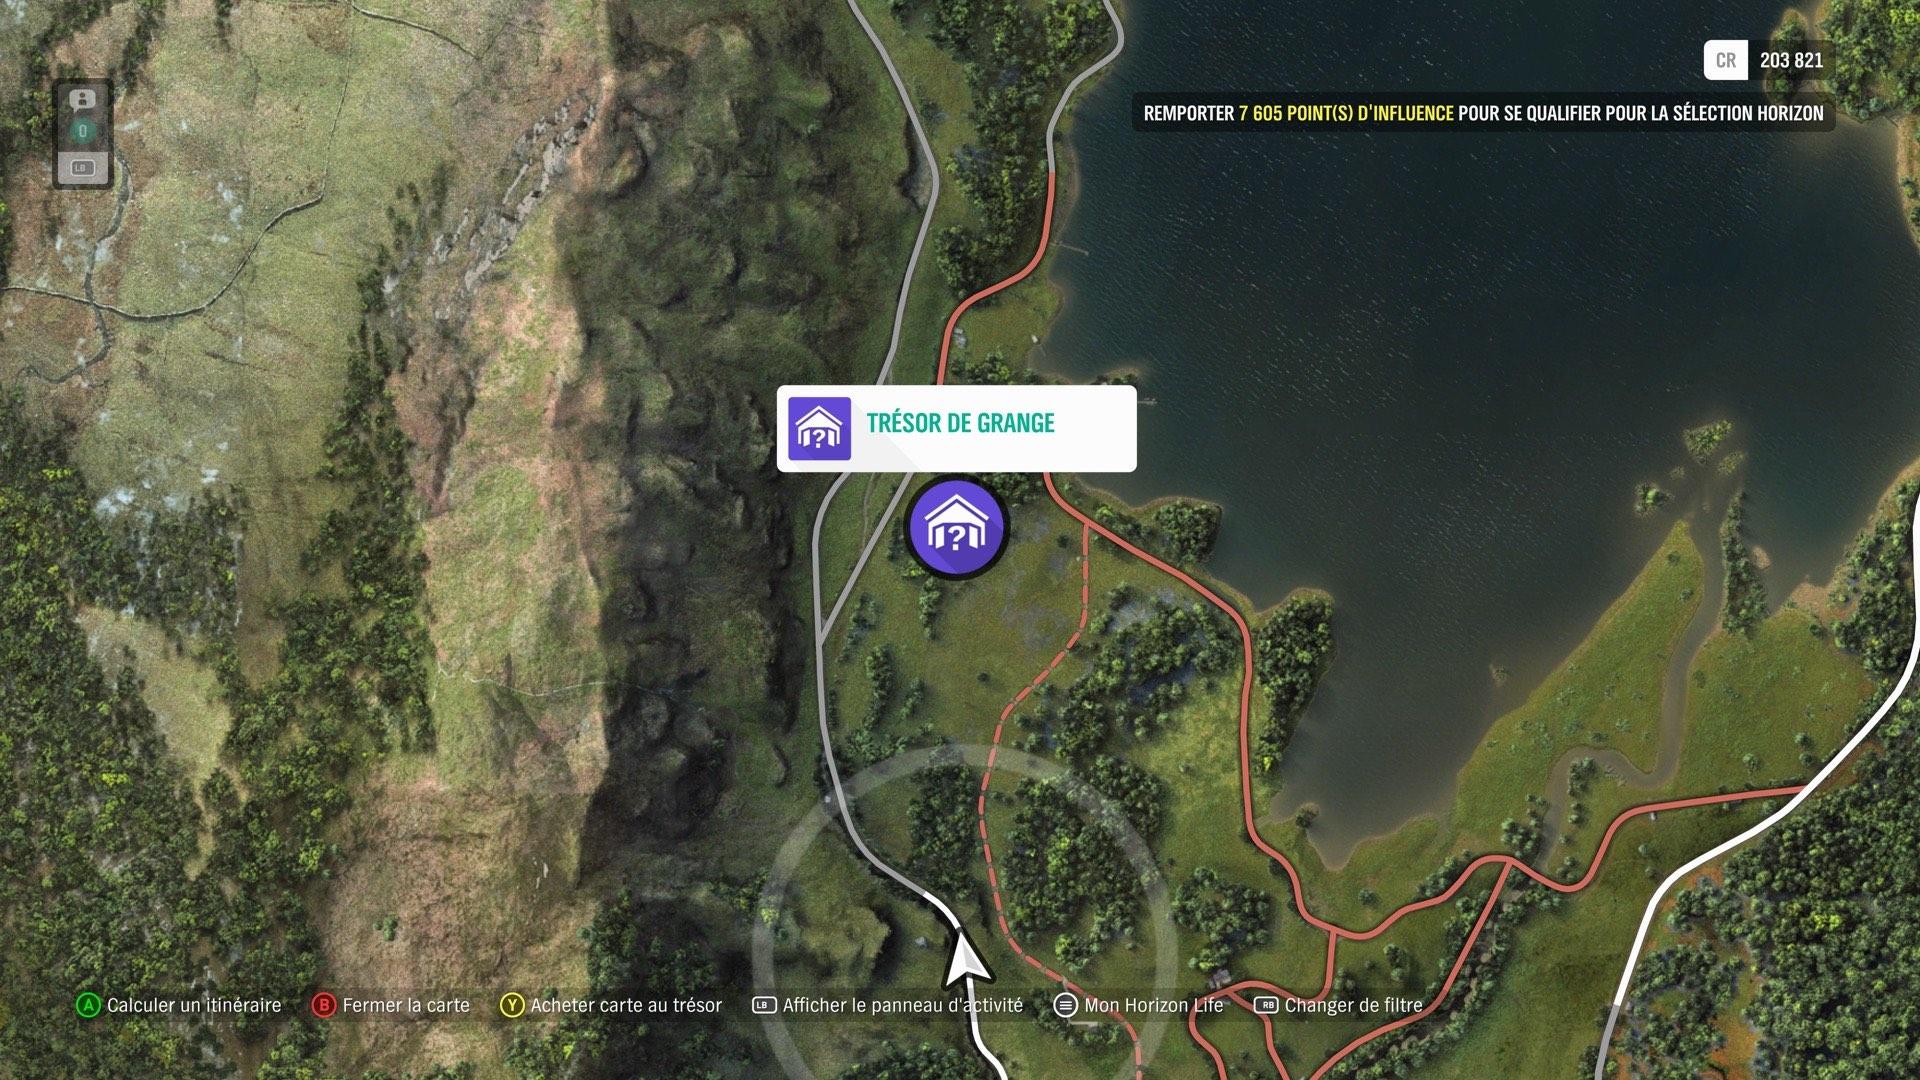 Forza Horizon 4 : notre guide pour trouver les 15 trésors de